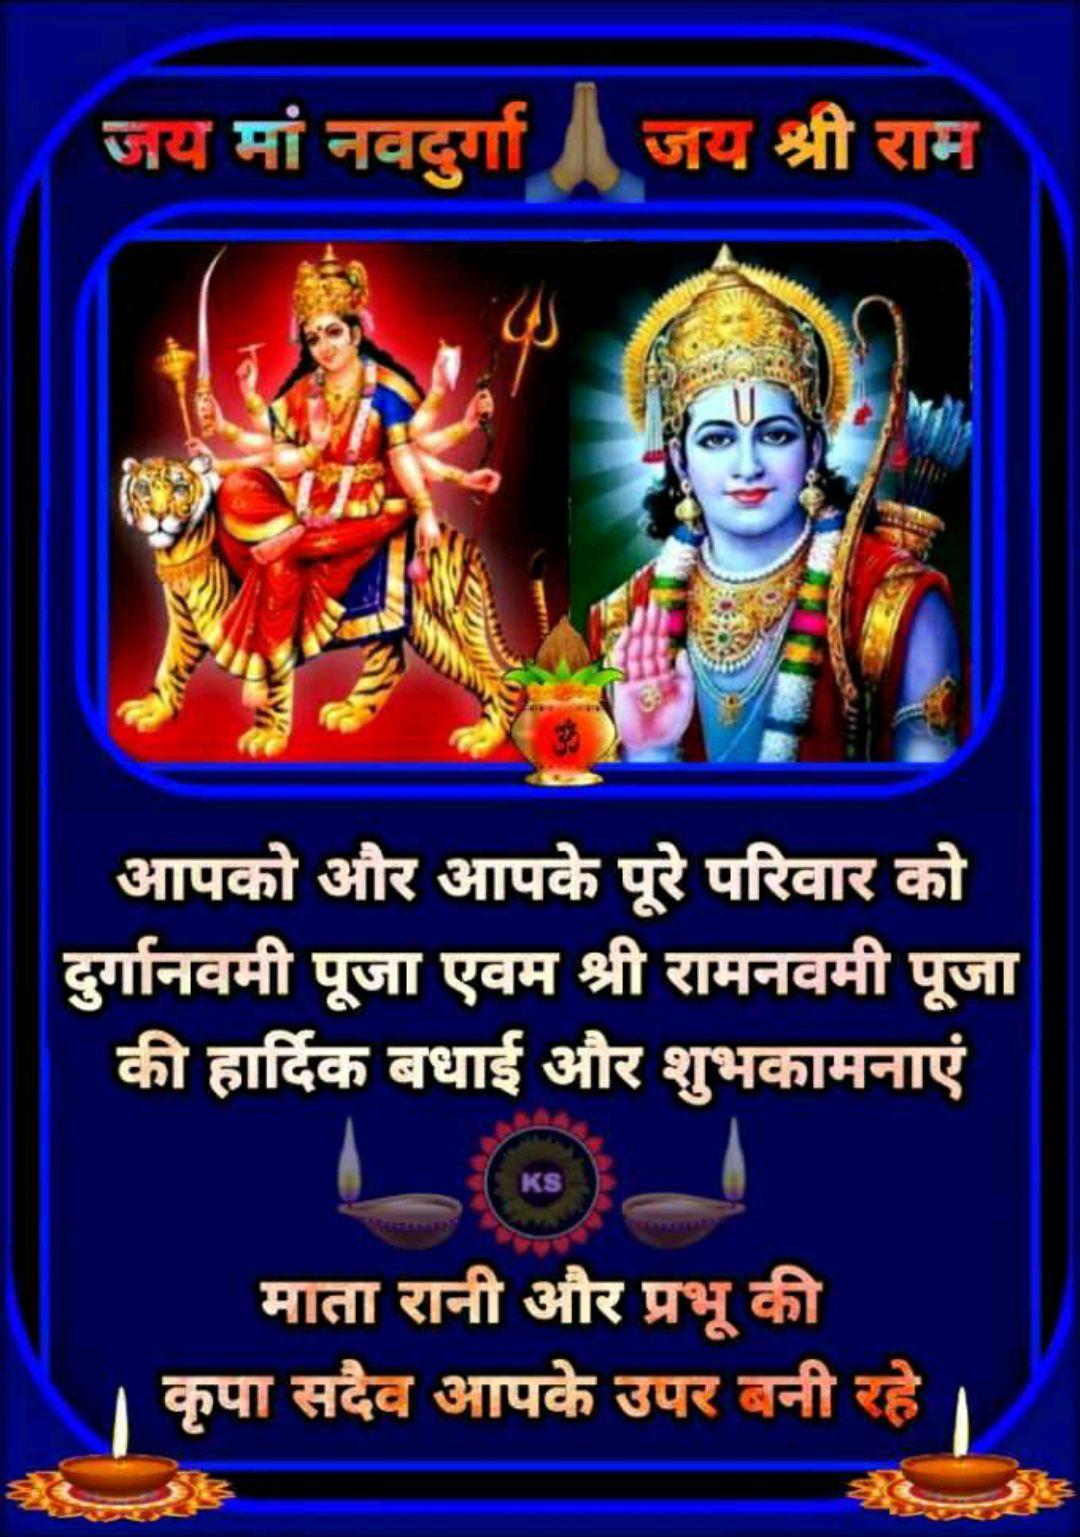 🙏राम नवमी - जय मां नवदुर्गा जय श्री राम आपको और आपके पूरे परिवार को दुर्गानवमी पूजा एवम श्री रामनवमी पूजा । की हार्दिक बधाई और शुभकामनाएं माता रानी और प्रभू की कृपा सदैव आपके उपर बनी रहे - ShareChat